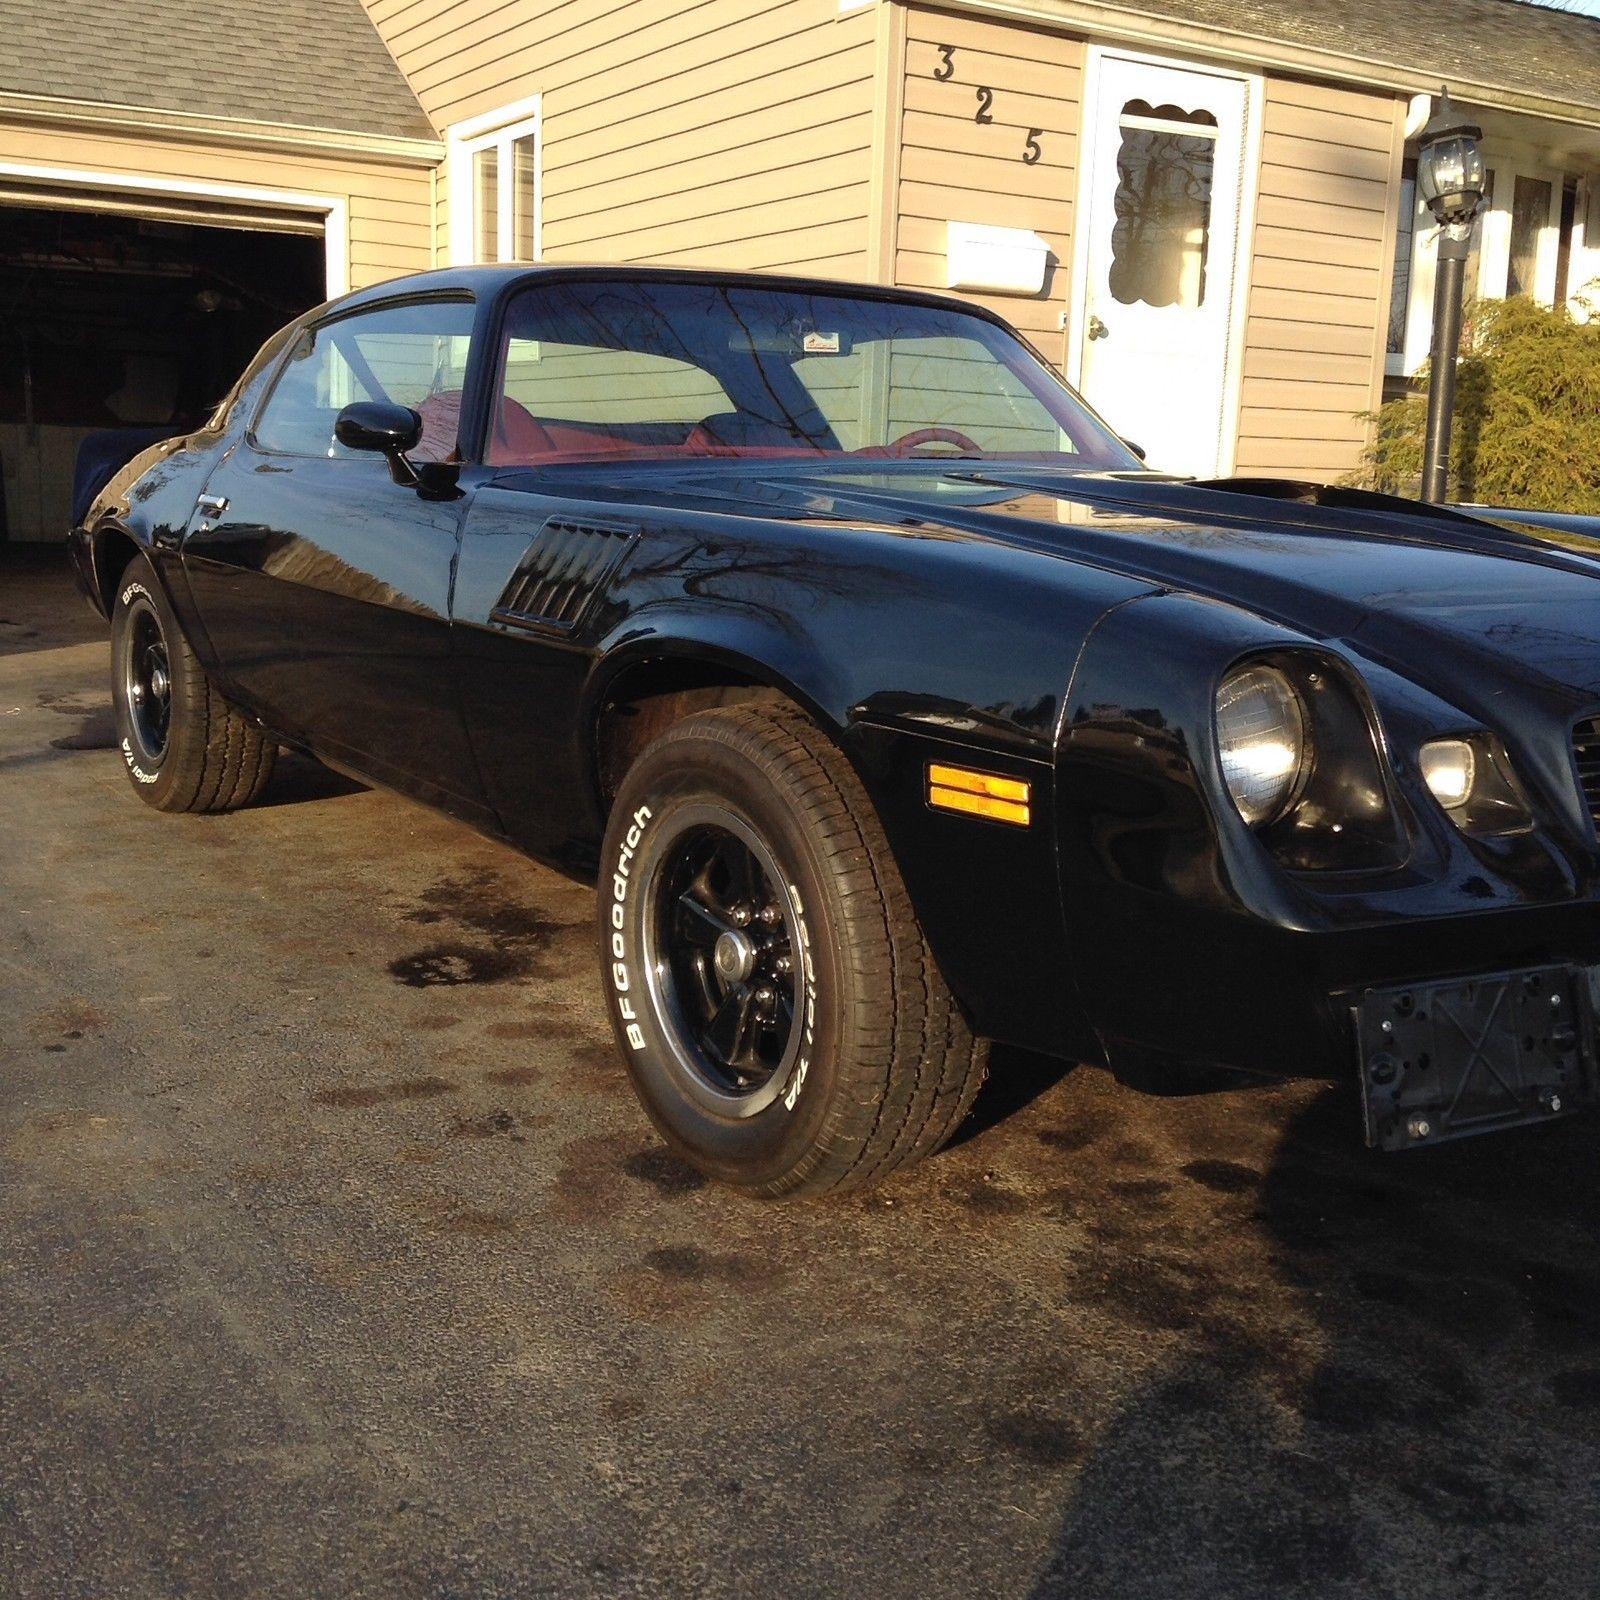 1978 camaro z28 factory black 4 speed. Black Bedroom Furniture Sets. Home Design Ideas